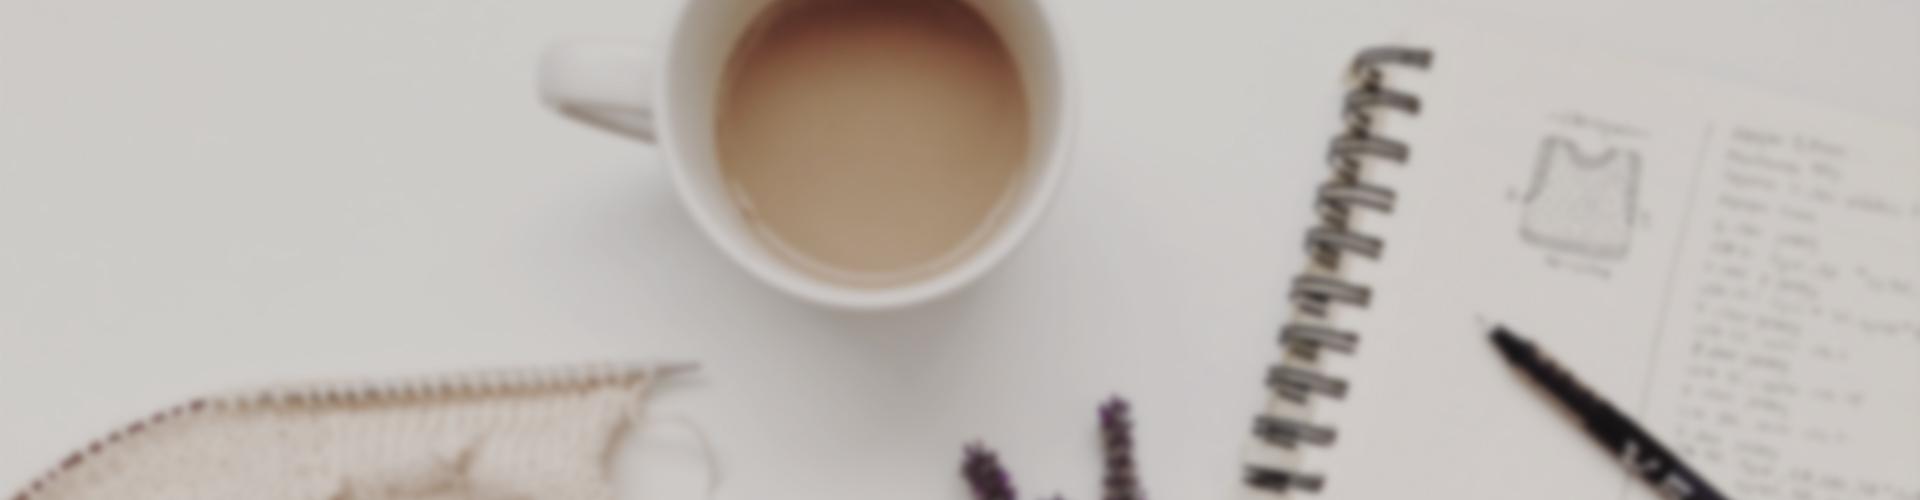 Tasse à café, carnet, fleurs et tricot